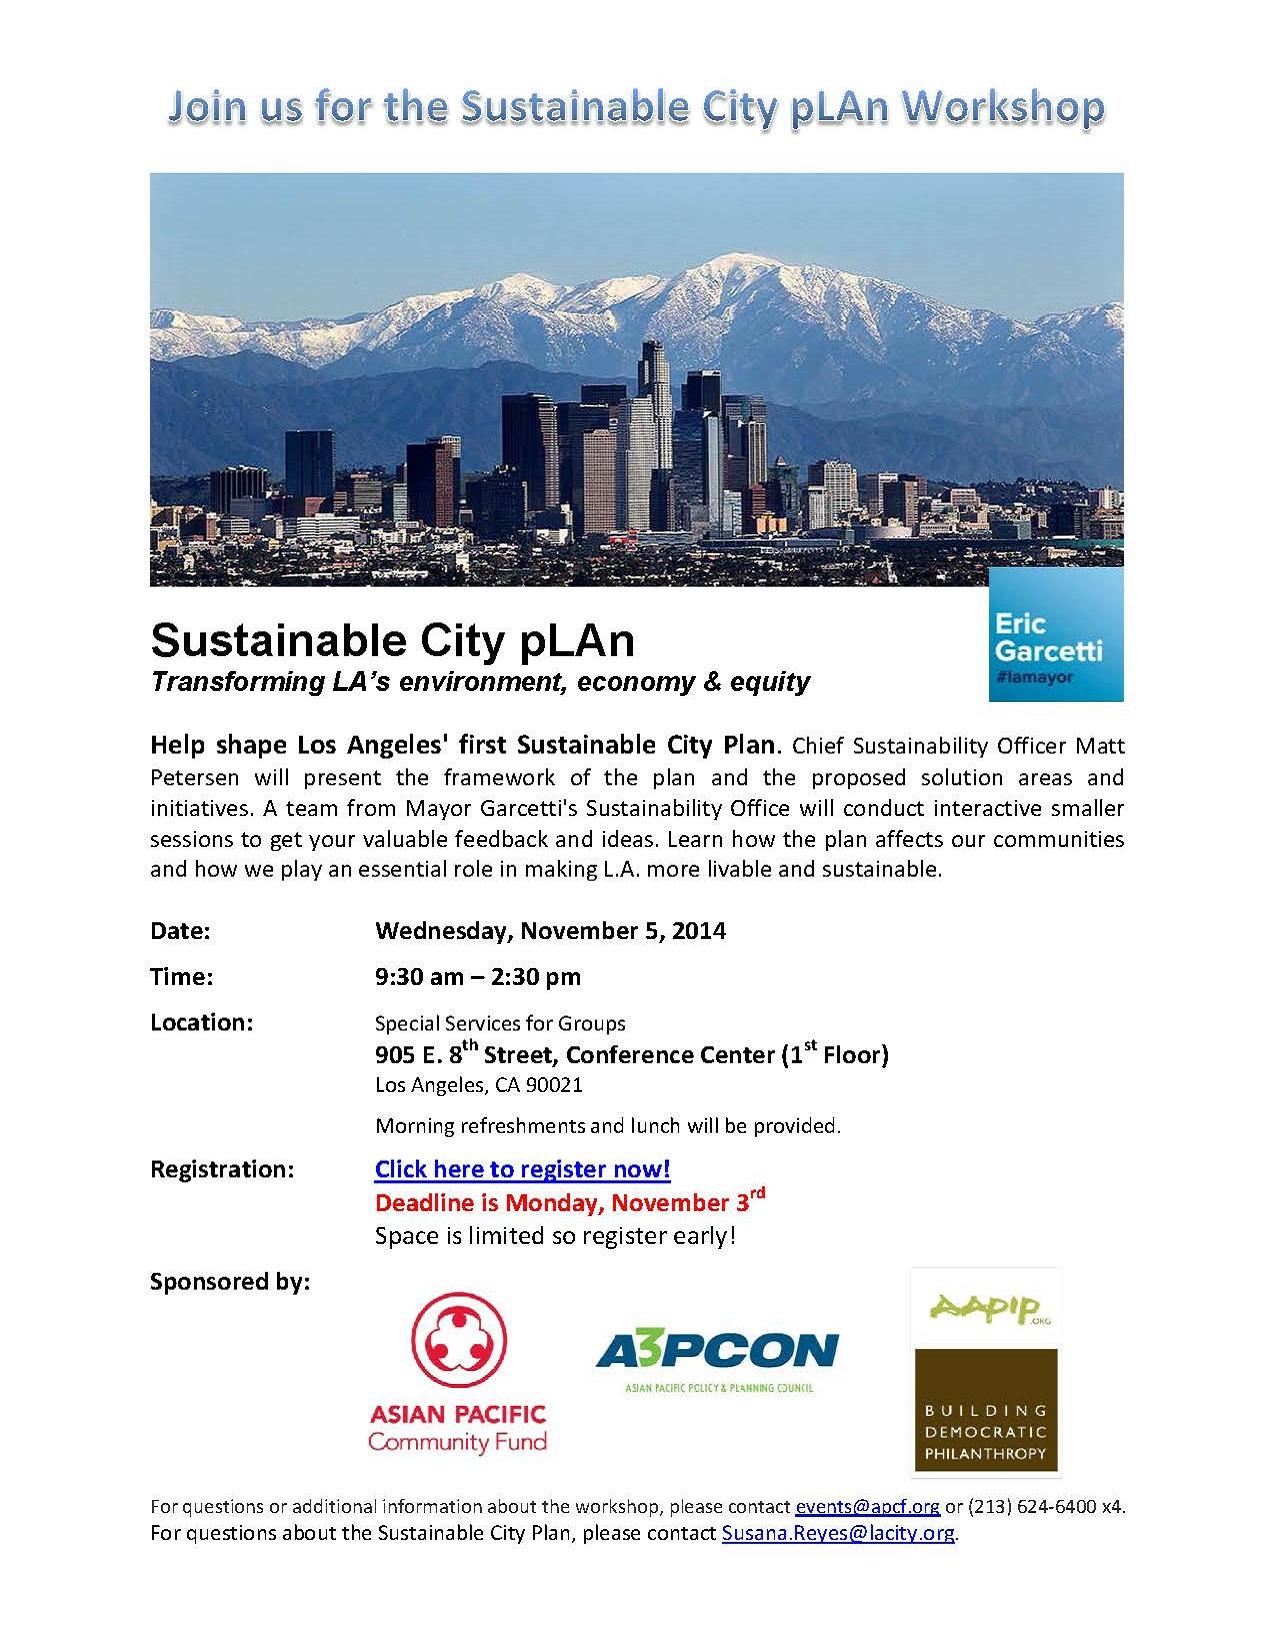 Sustainable pLAn Workshop Flier.jpg